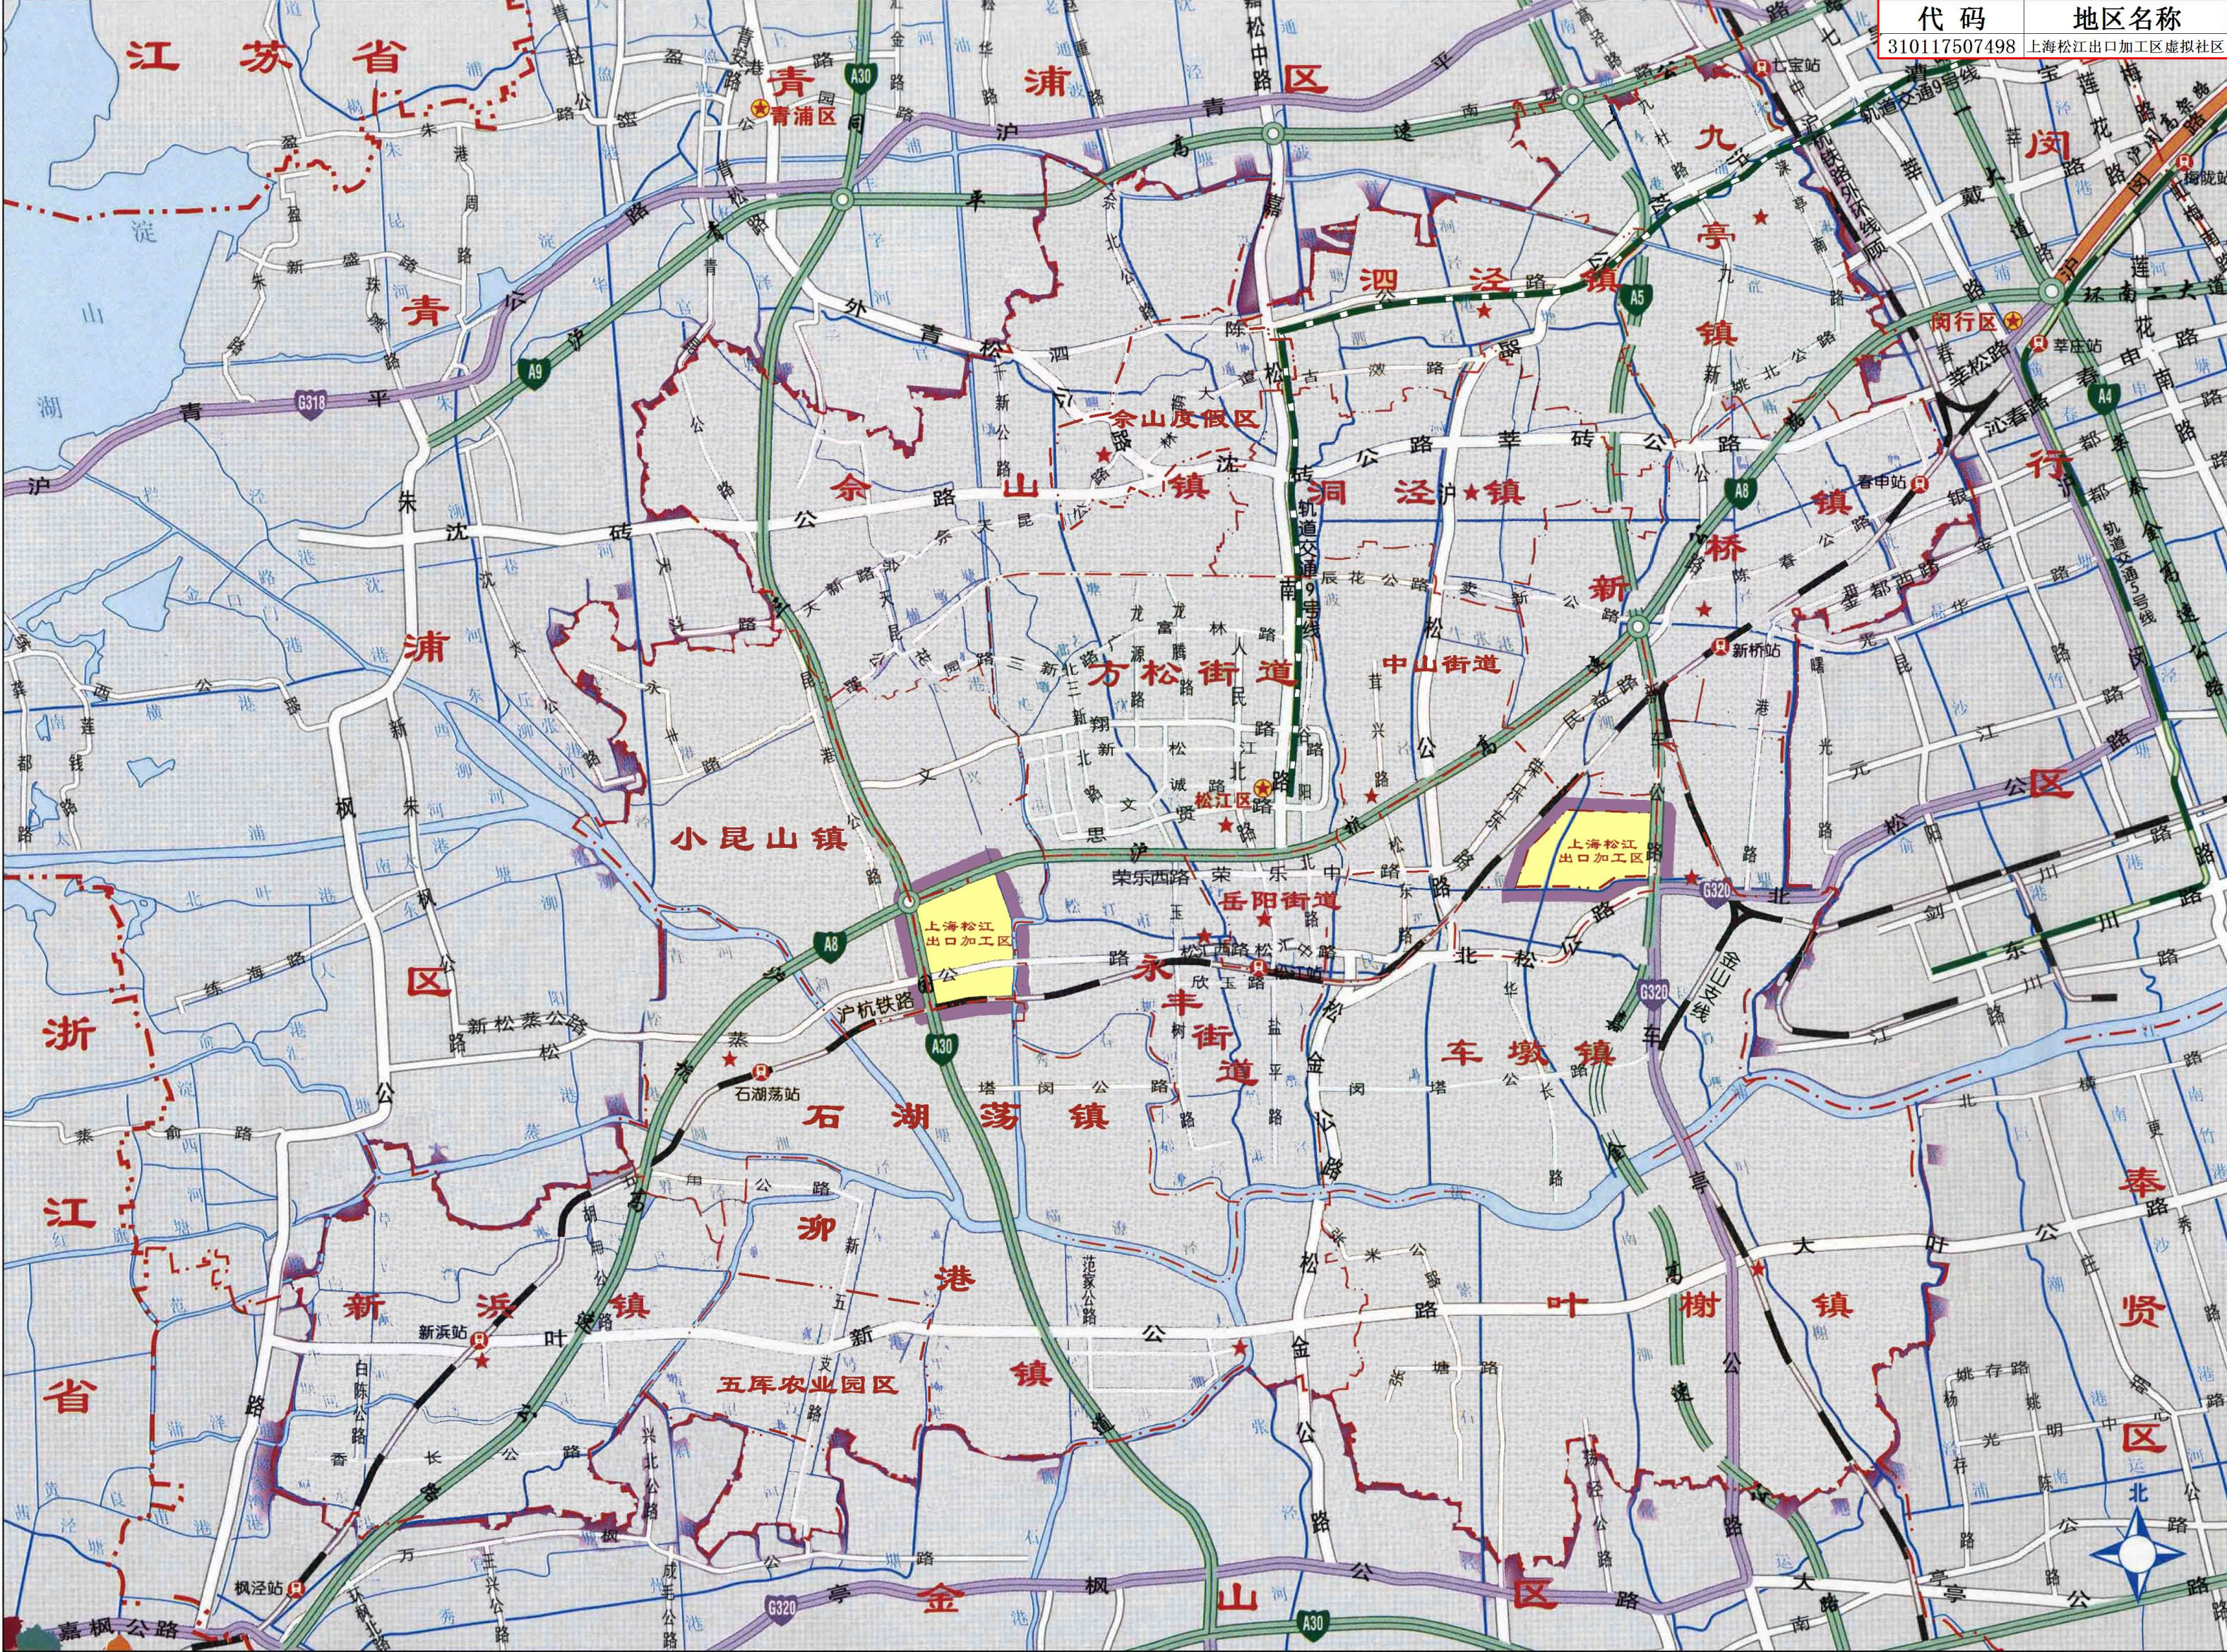 上海松江地图松江地图上海市松江地图松江地图